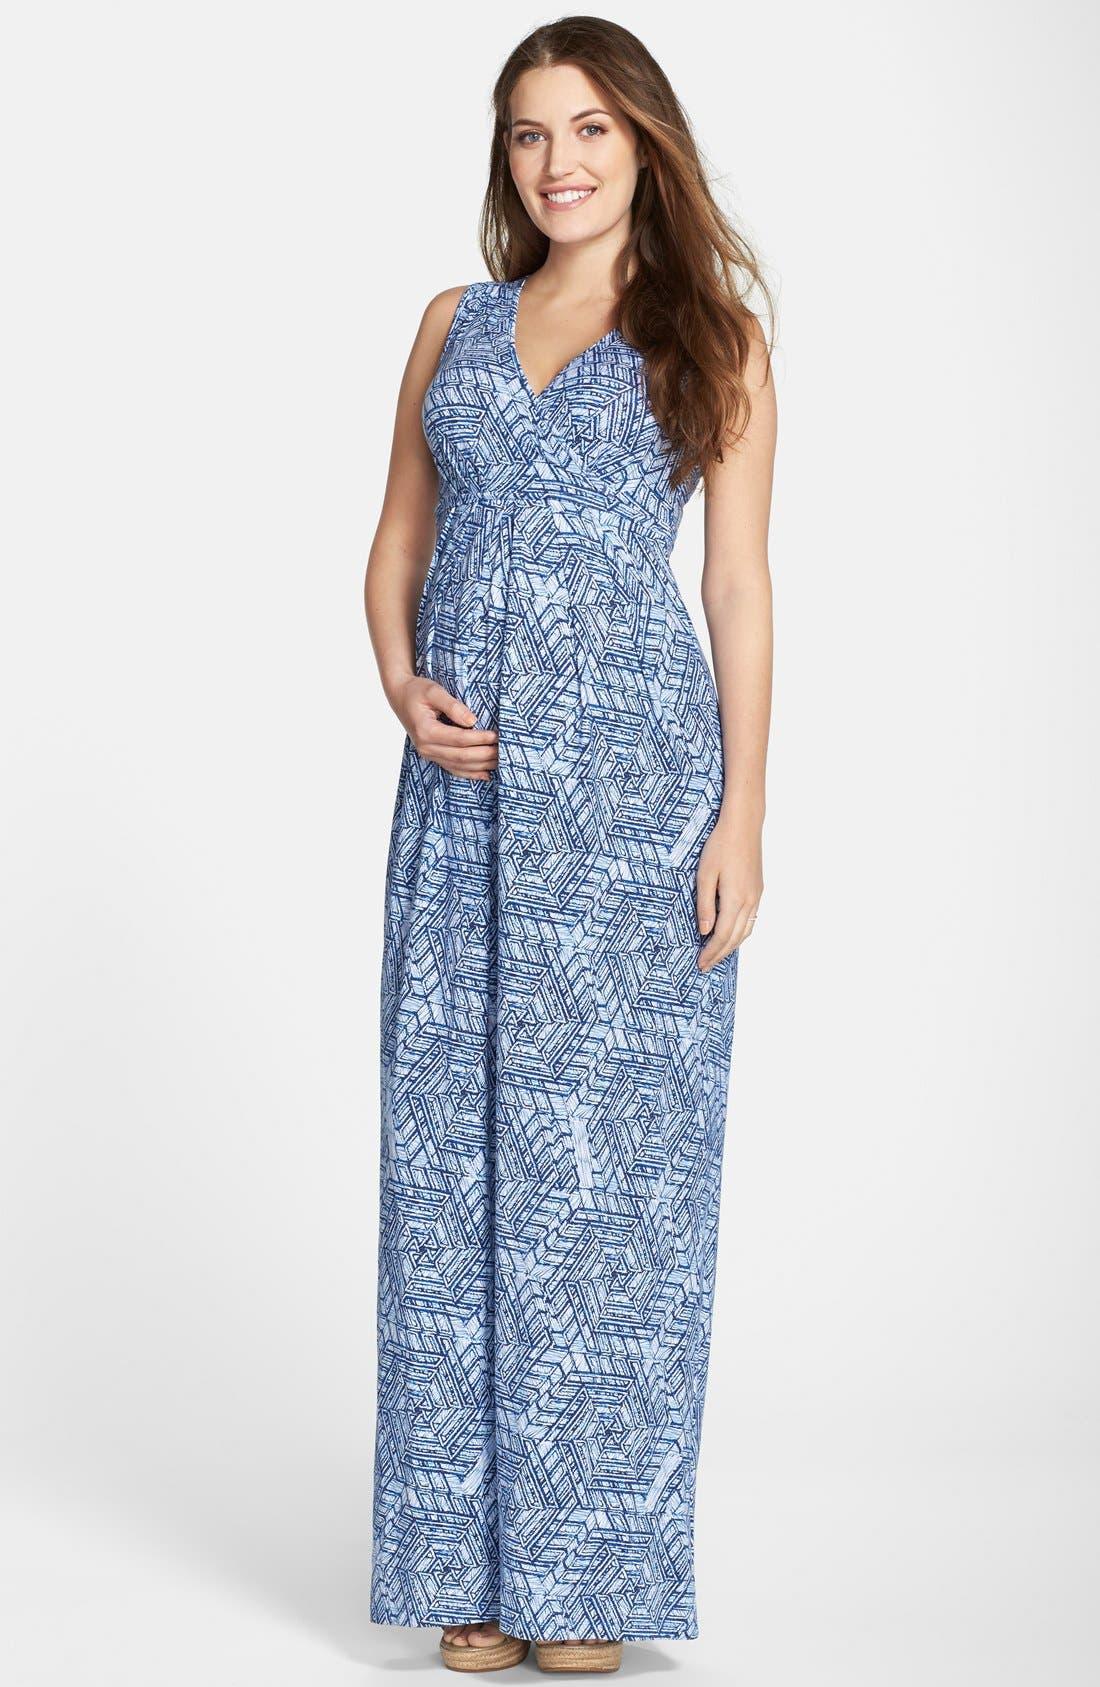 Main Image - Tart Maternity 'Marsha' Maxi Maternity Dress